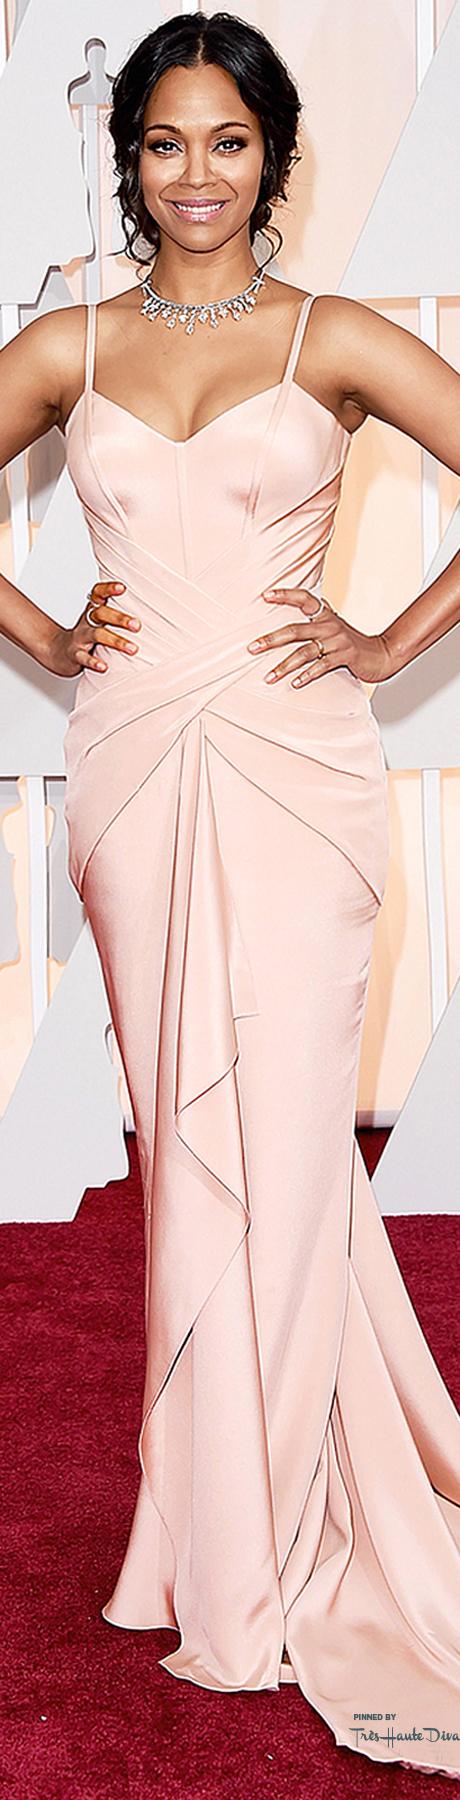 Oscars2015 Zoe Saldana in Atelier Versace | rosa | Pinterest ...